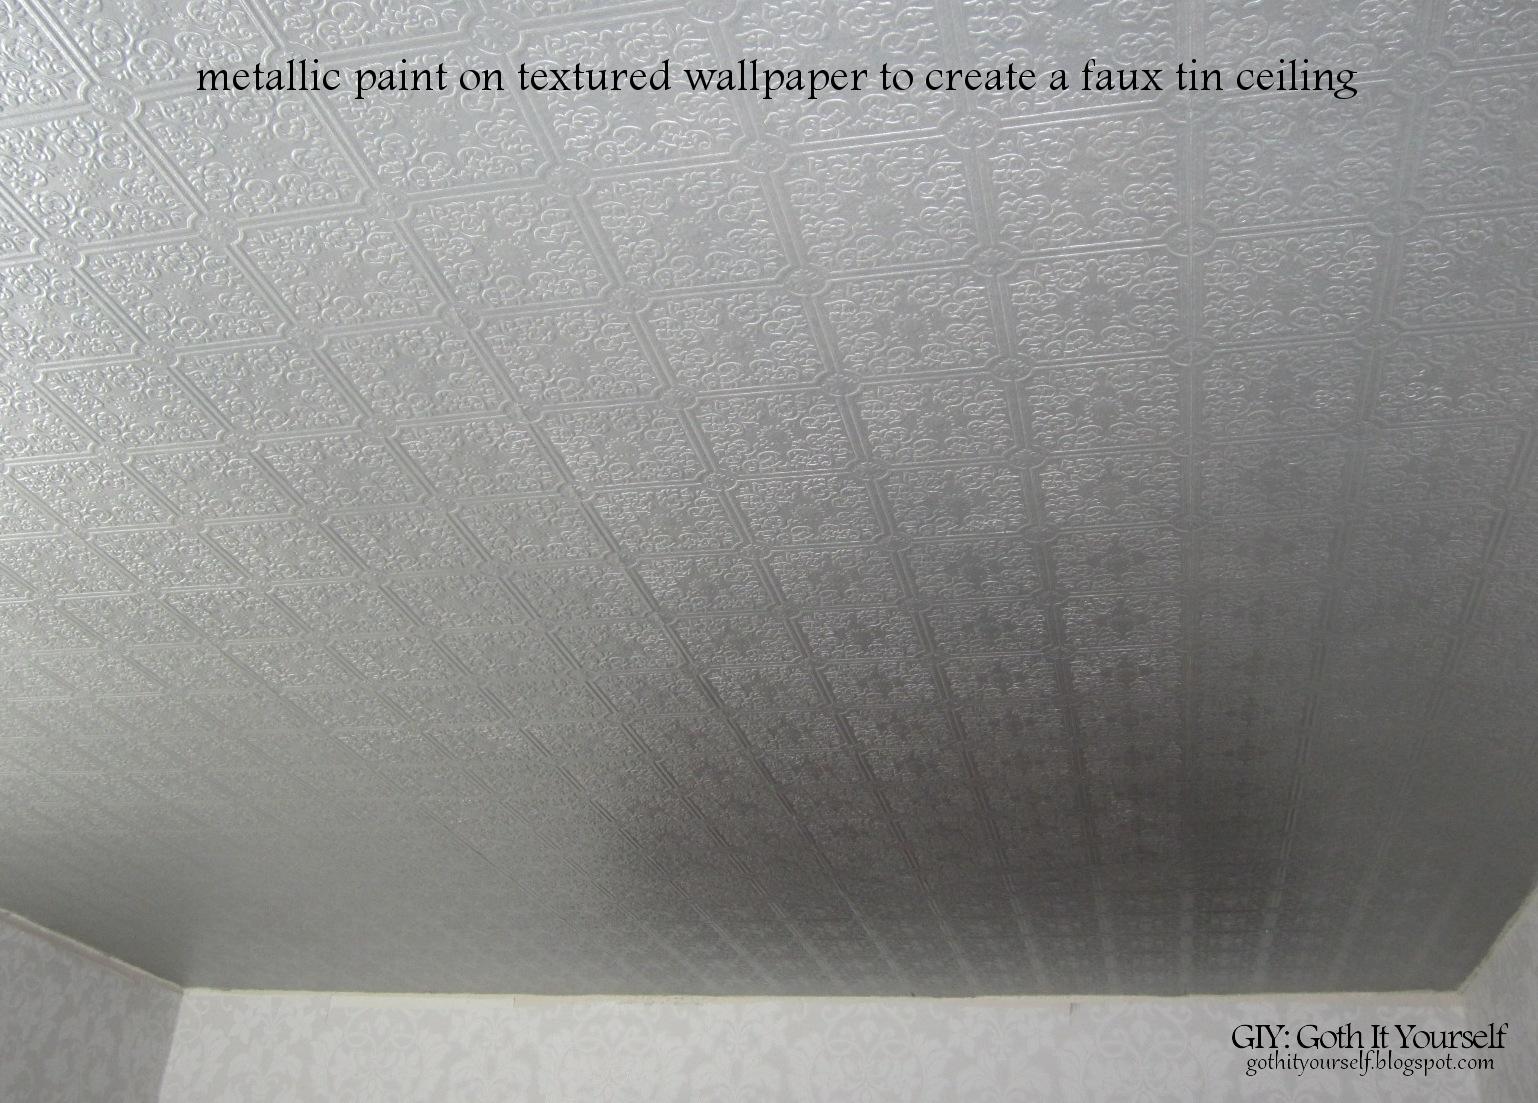 http://4.bp.blogspot.com/-Rt9SZ7ff0yA/UXJPNtWApcI/AAAAAAAACgQ/9qFWA5Y1ybw/s1600/faux+tin+ceiling+2.JPG